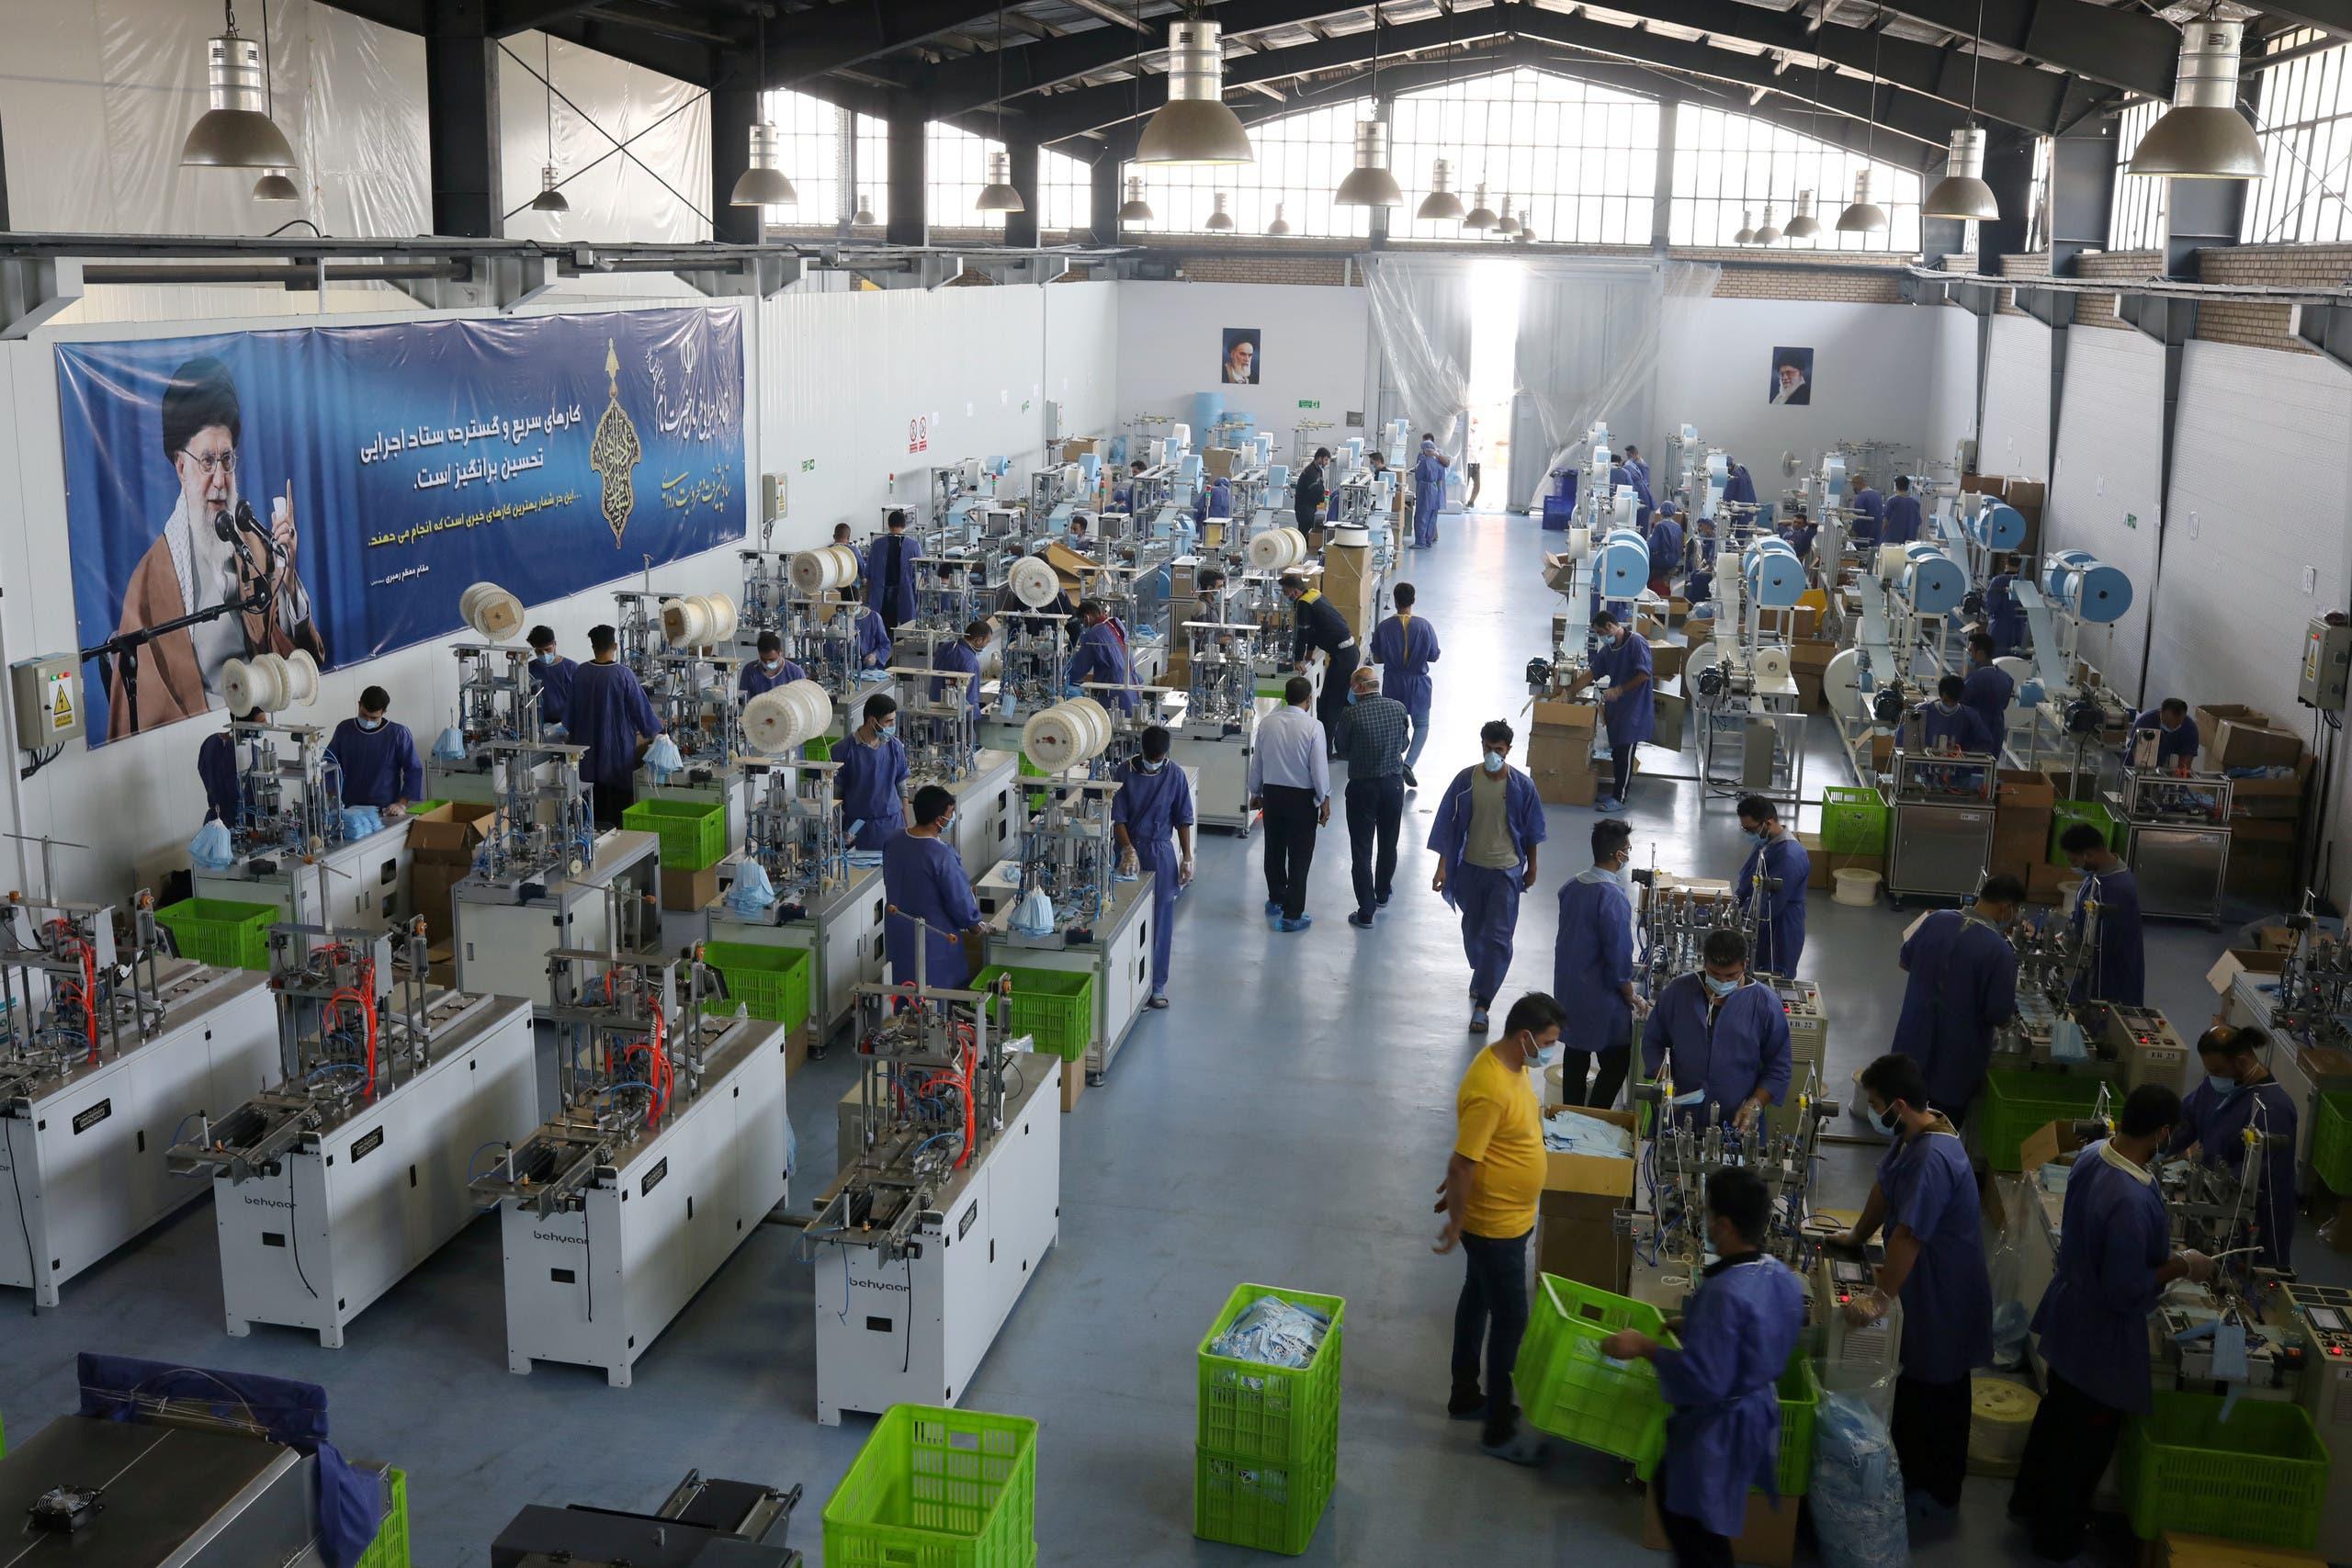 مشغل لصناعة الكمامات للوقاية من كورونا في إيران